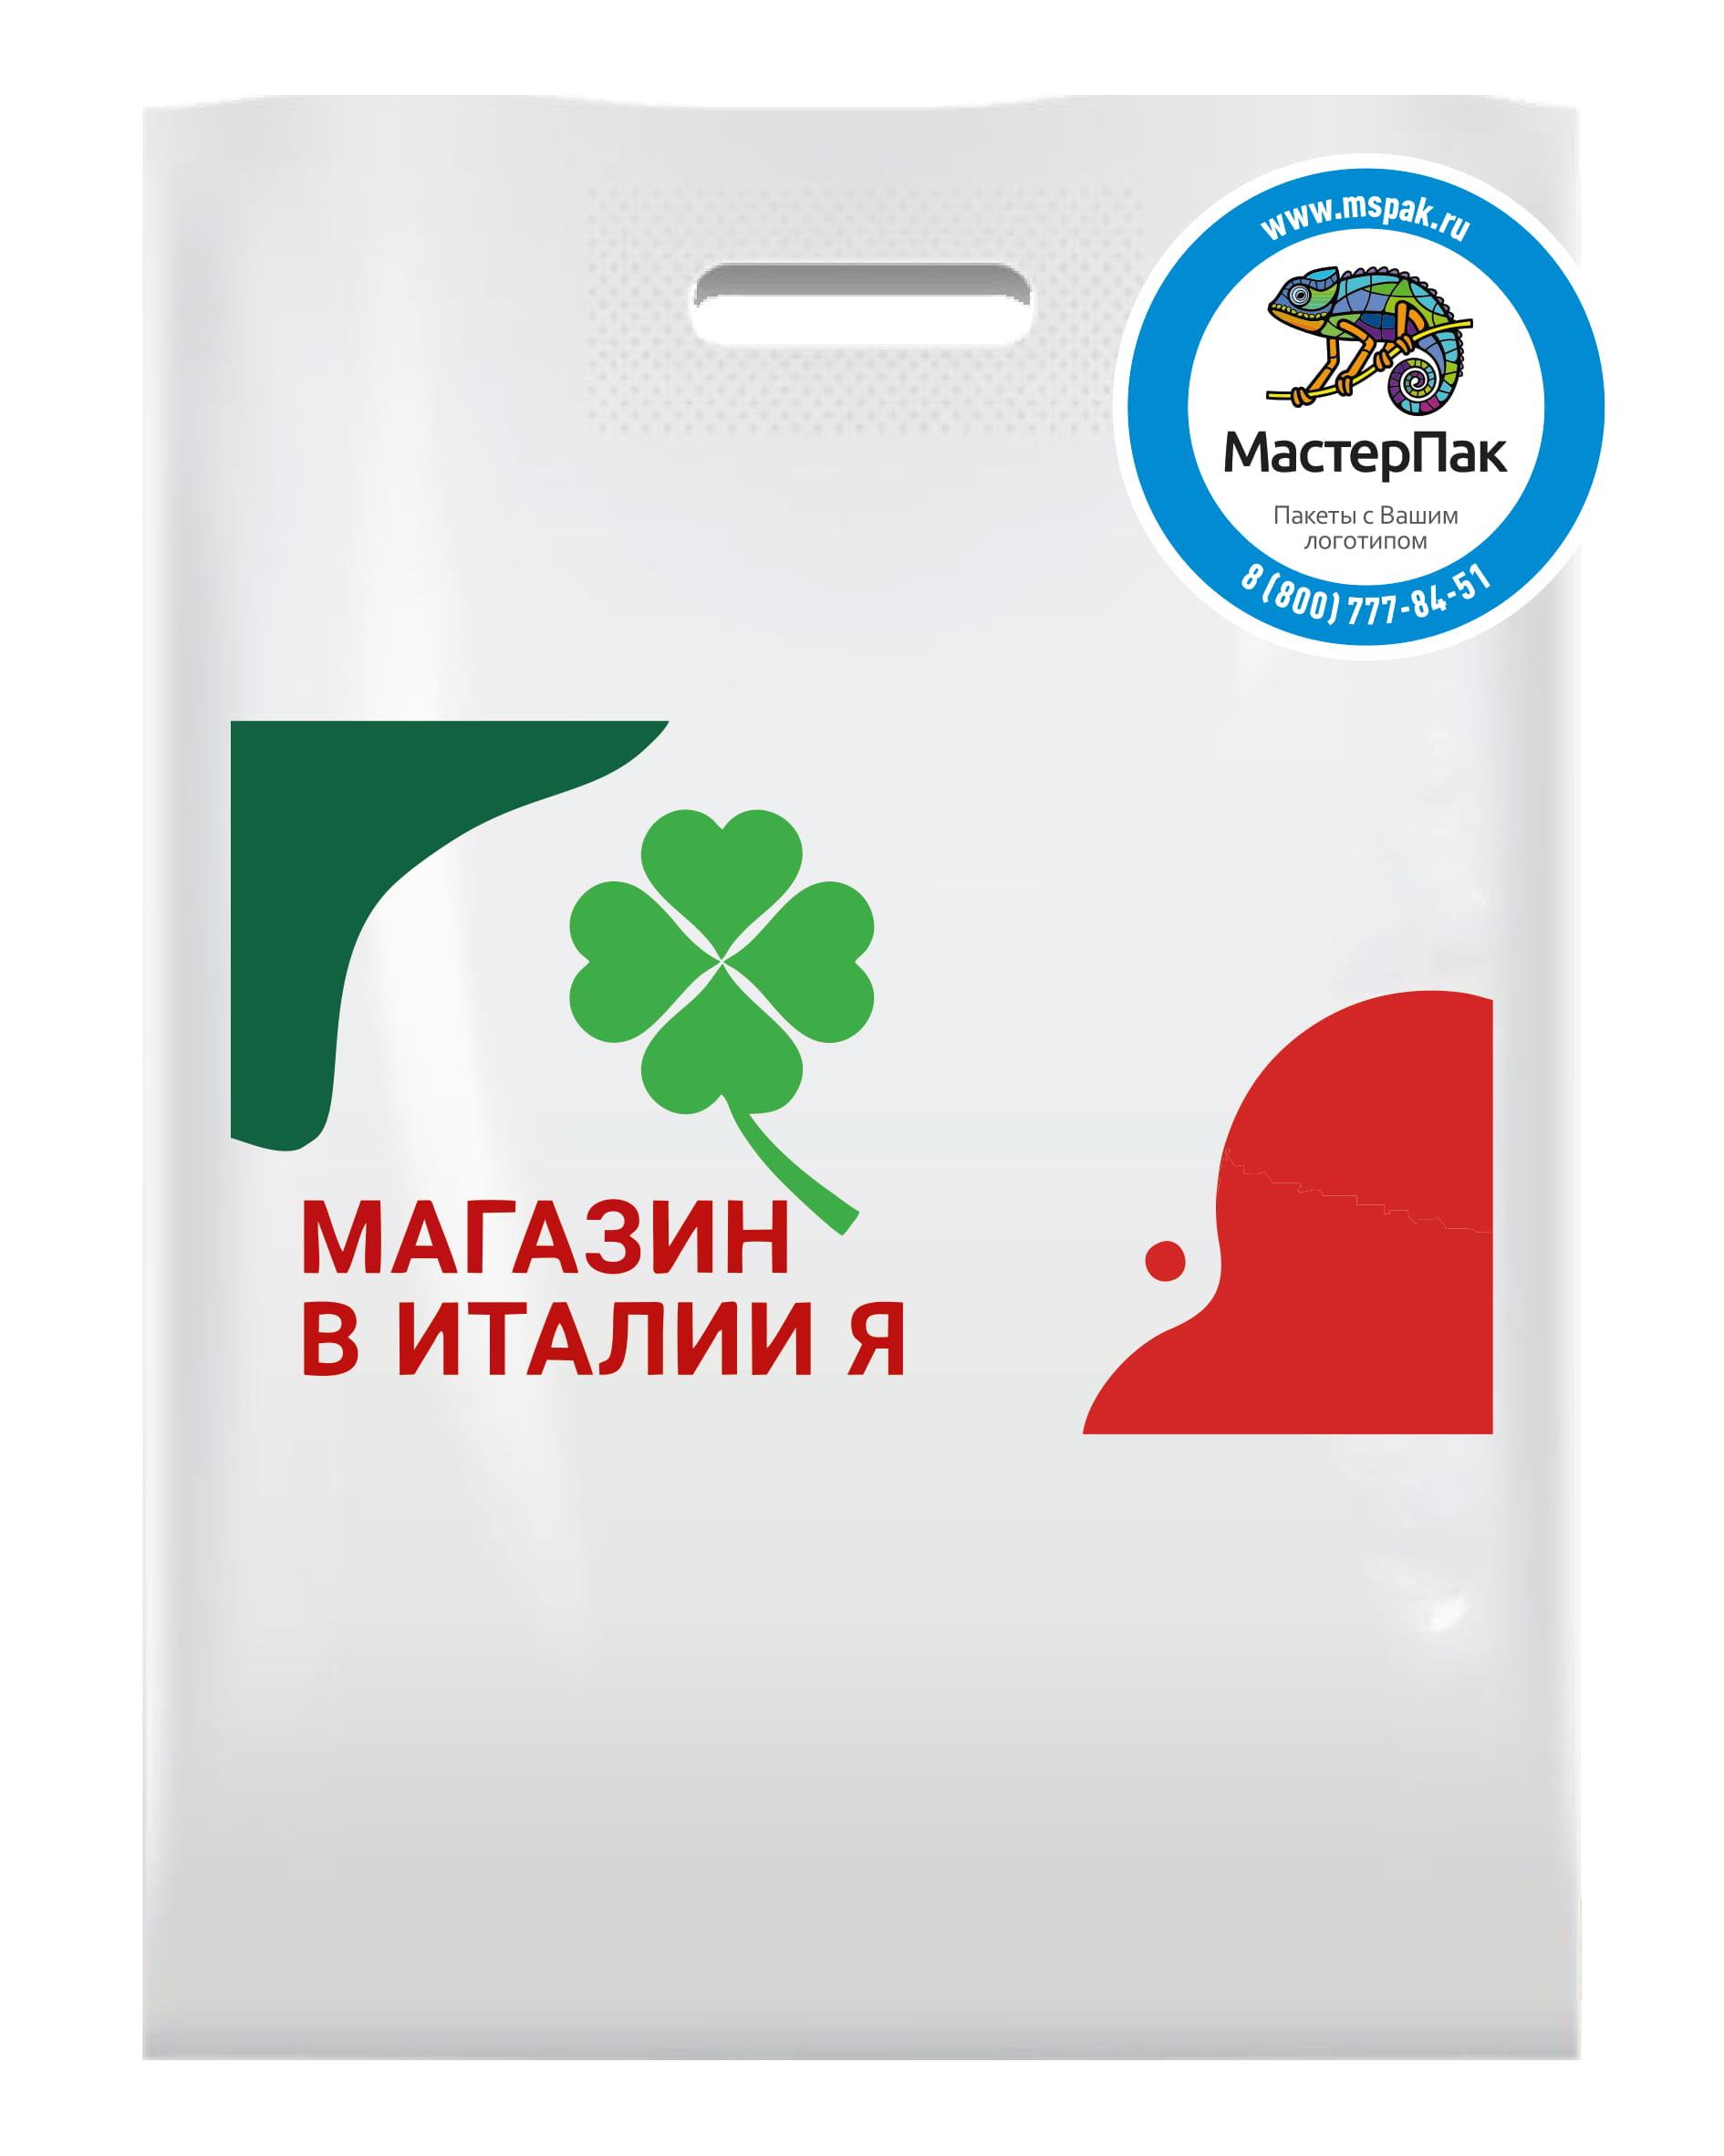 """Пакет ПВД белый, с вырубной ручкой и логотипом """"Магазин в Италии Я"""", 70 мкм, 36*45"""